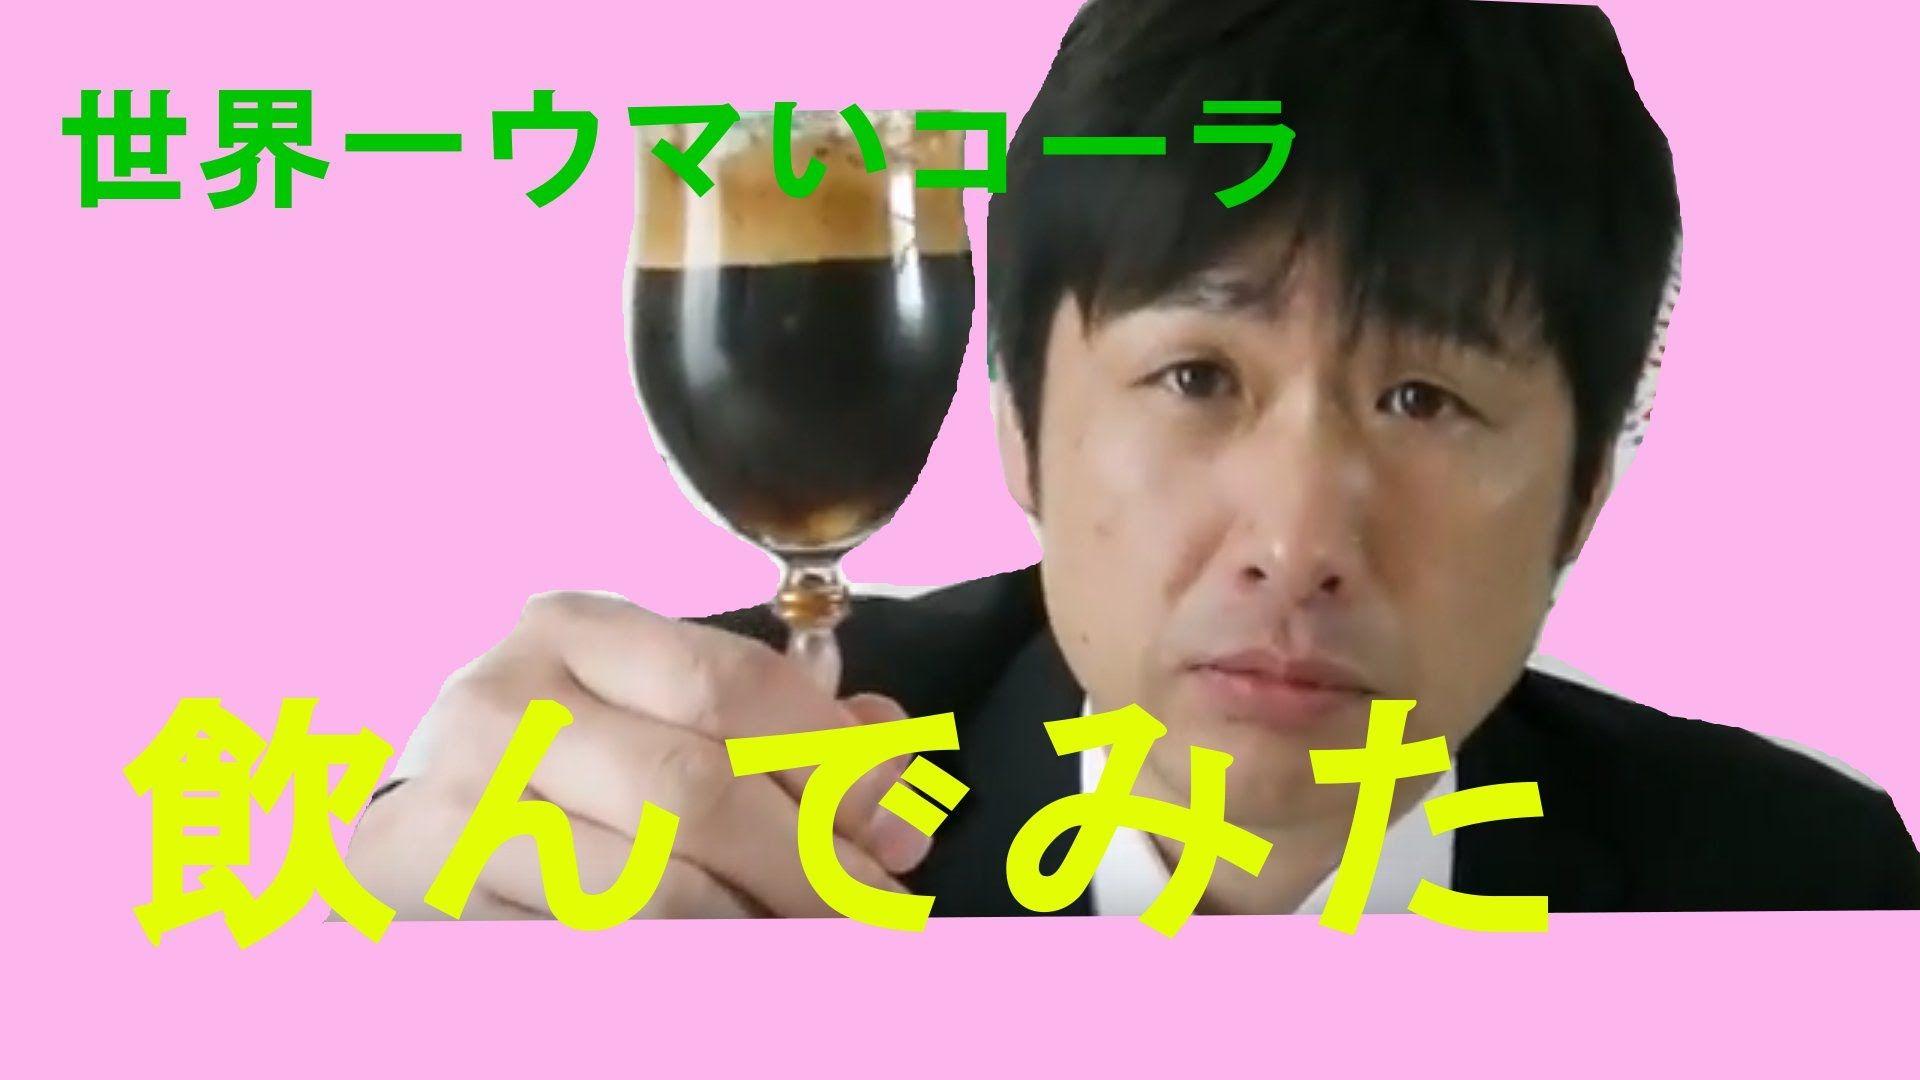 世界一ウマいコーラを飲んでみた。世界一美味いと称されるカネオスティコーラ。